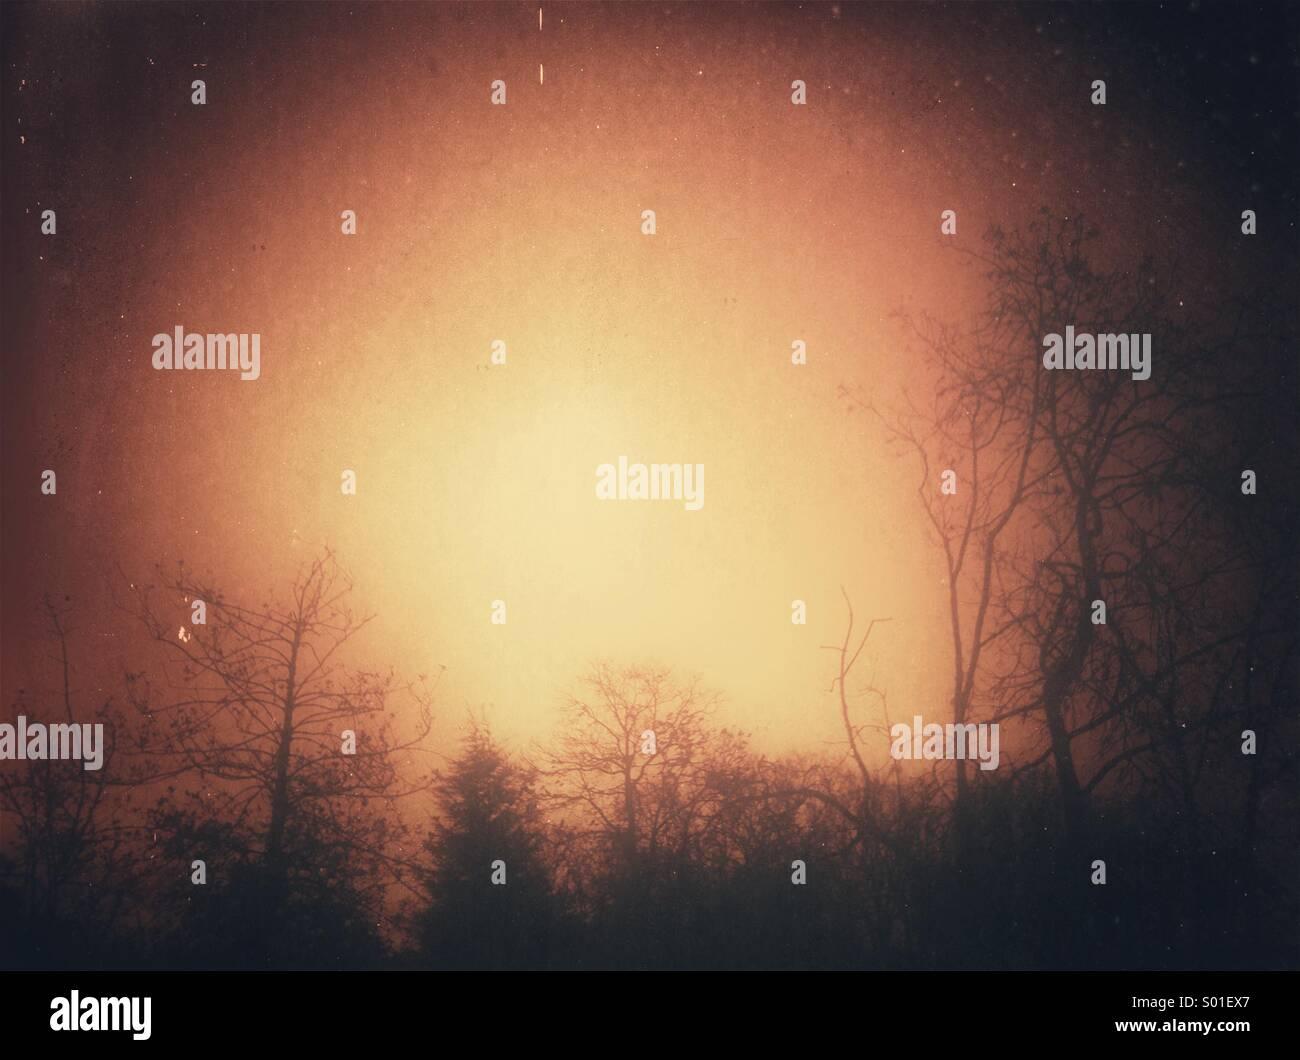 Baum-Silhouette mit Grunge-Effekt Stockbild